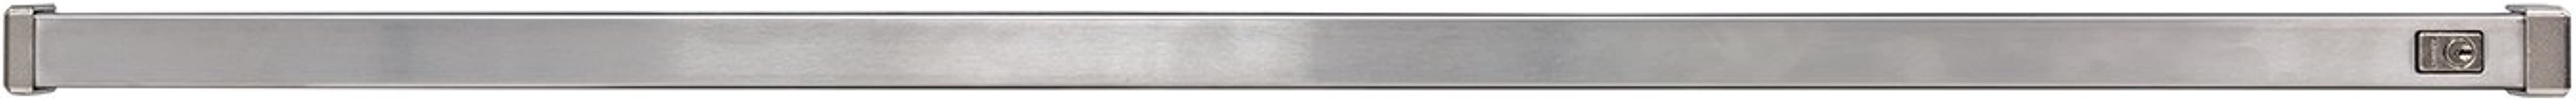 ABUS, FPR217 ER, raamkozijn Sluiting: AL0145 Länge: 100 cm roestvrij staal